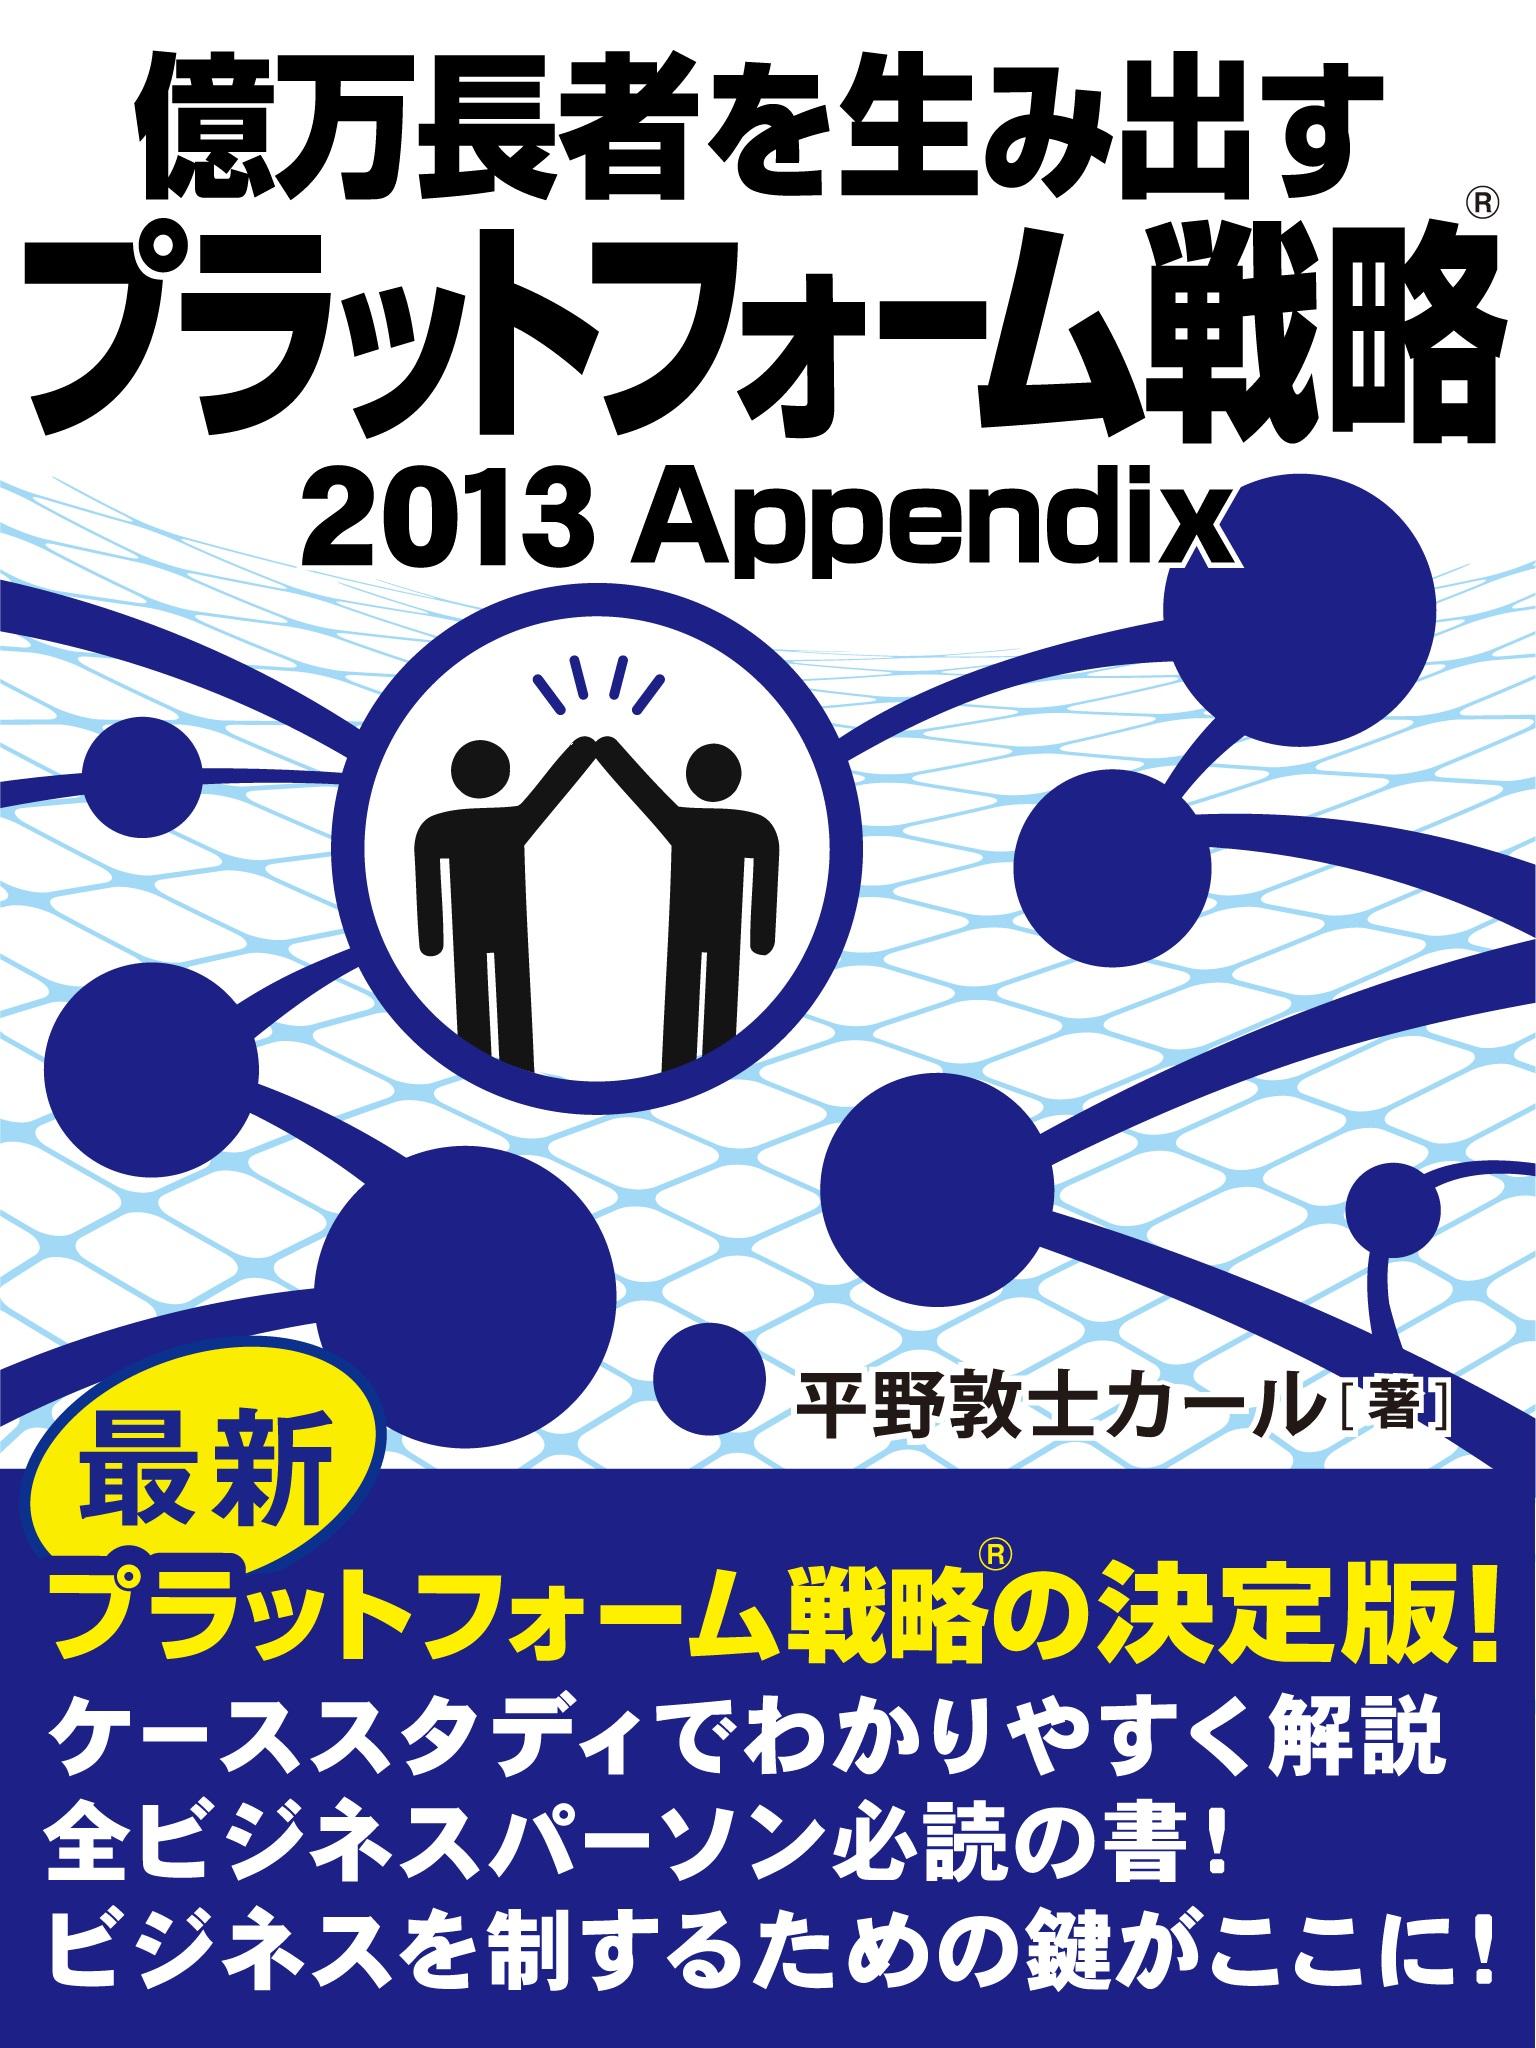 億万長者を生み出すプラットフォーム戦略 2013Appendix